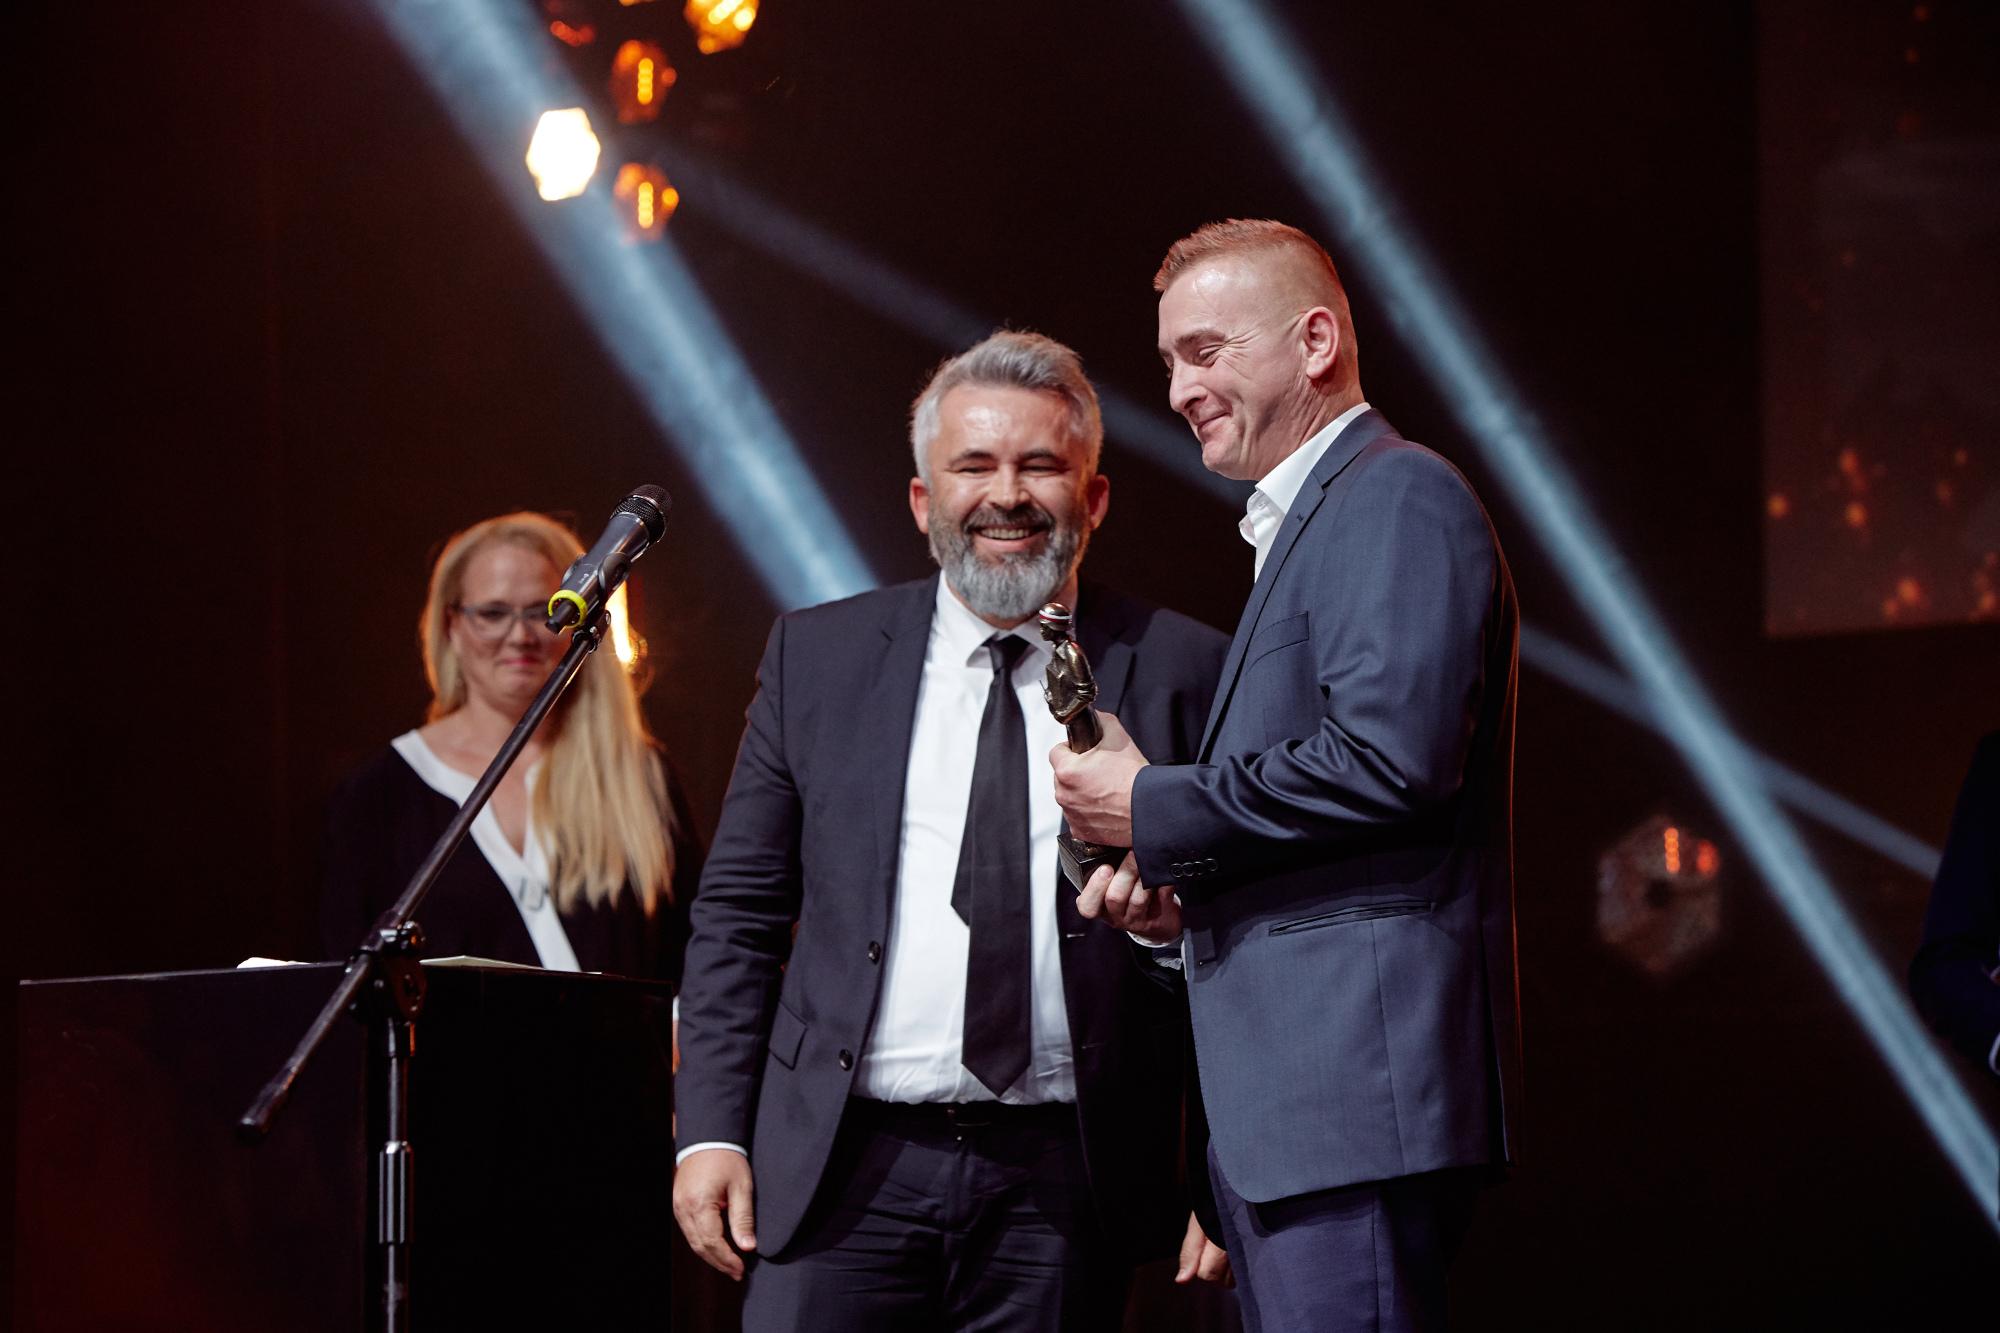 Nagroda_BohaterONy_2019_gala_fot_Michał_Moryl MNIEJSZE ZDJĘCIE (3)